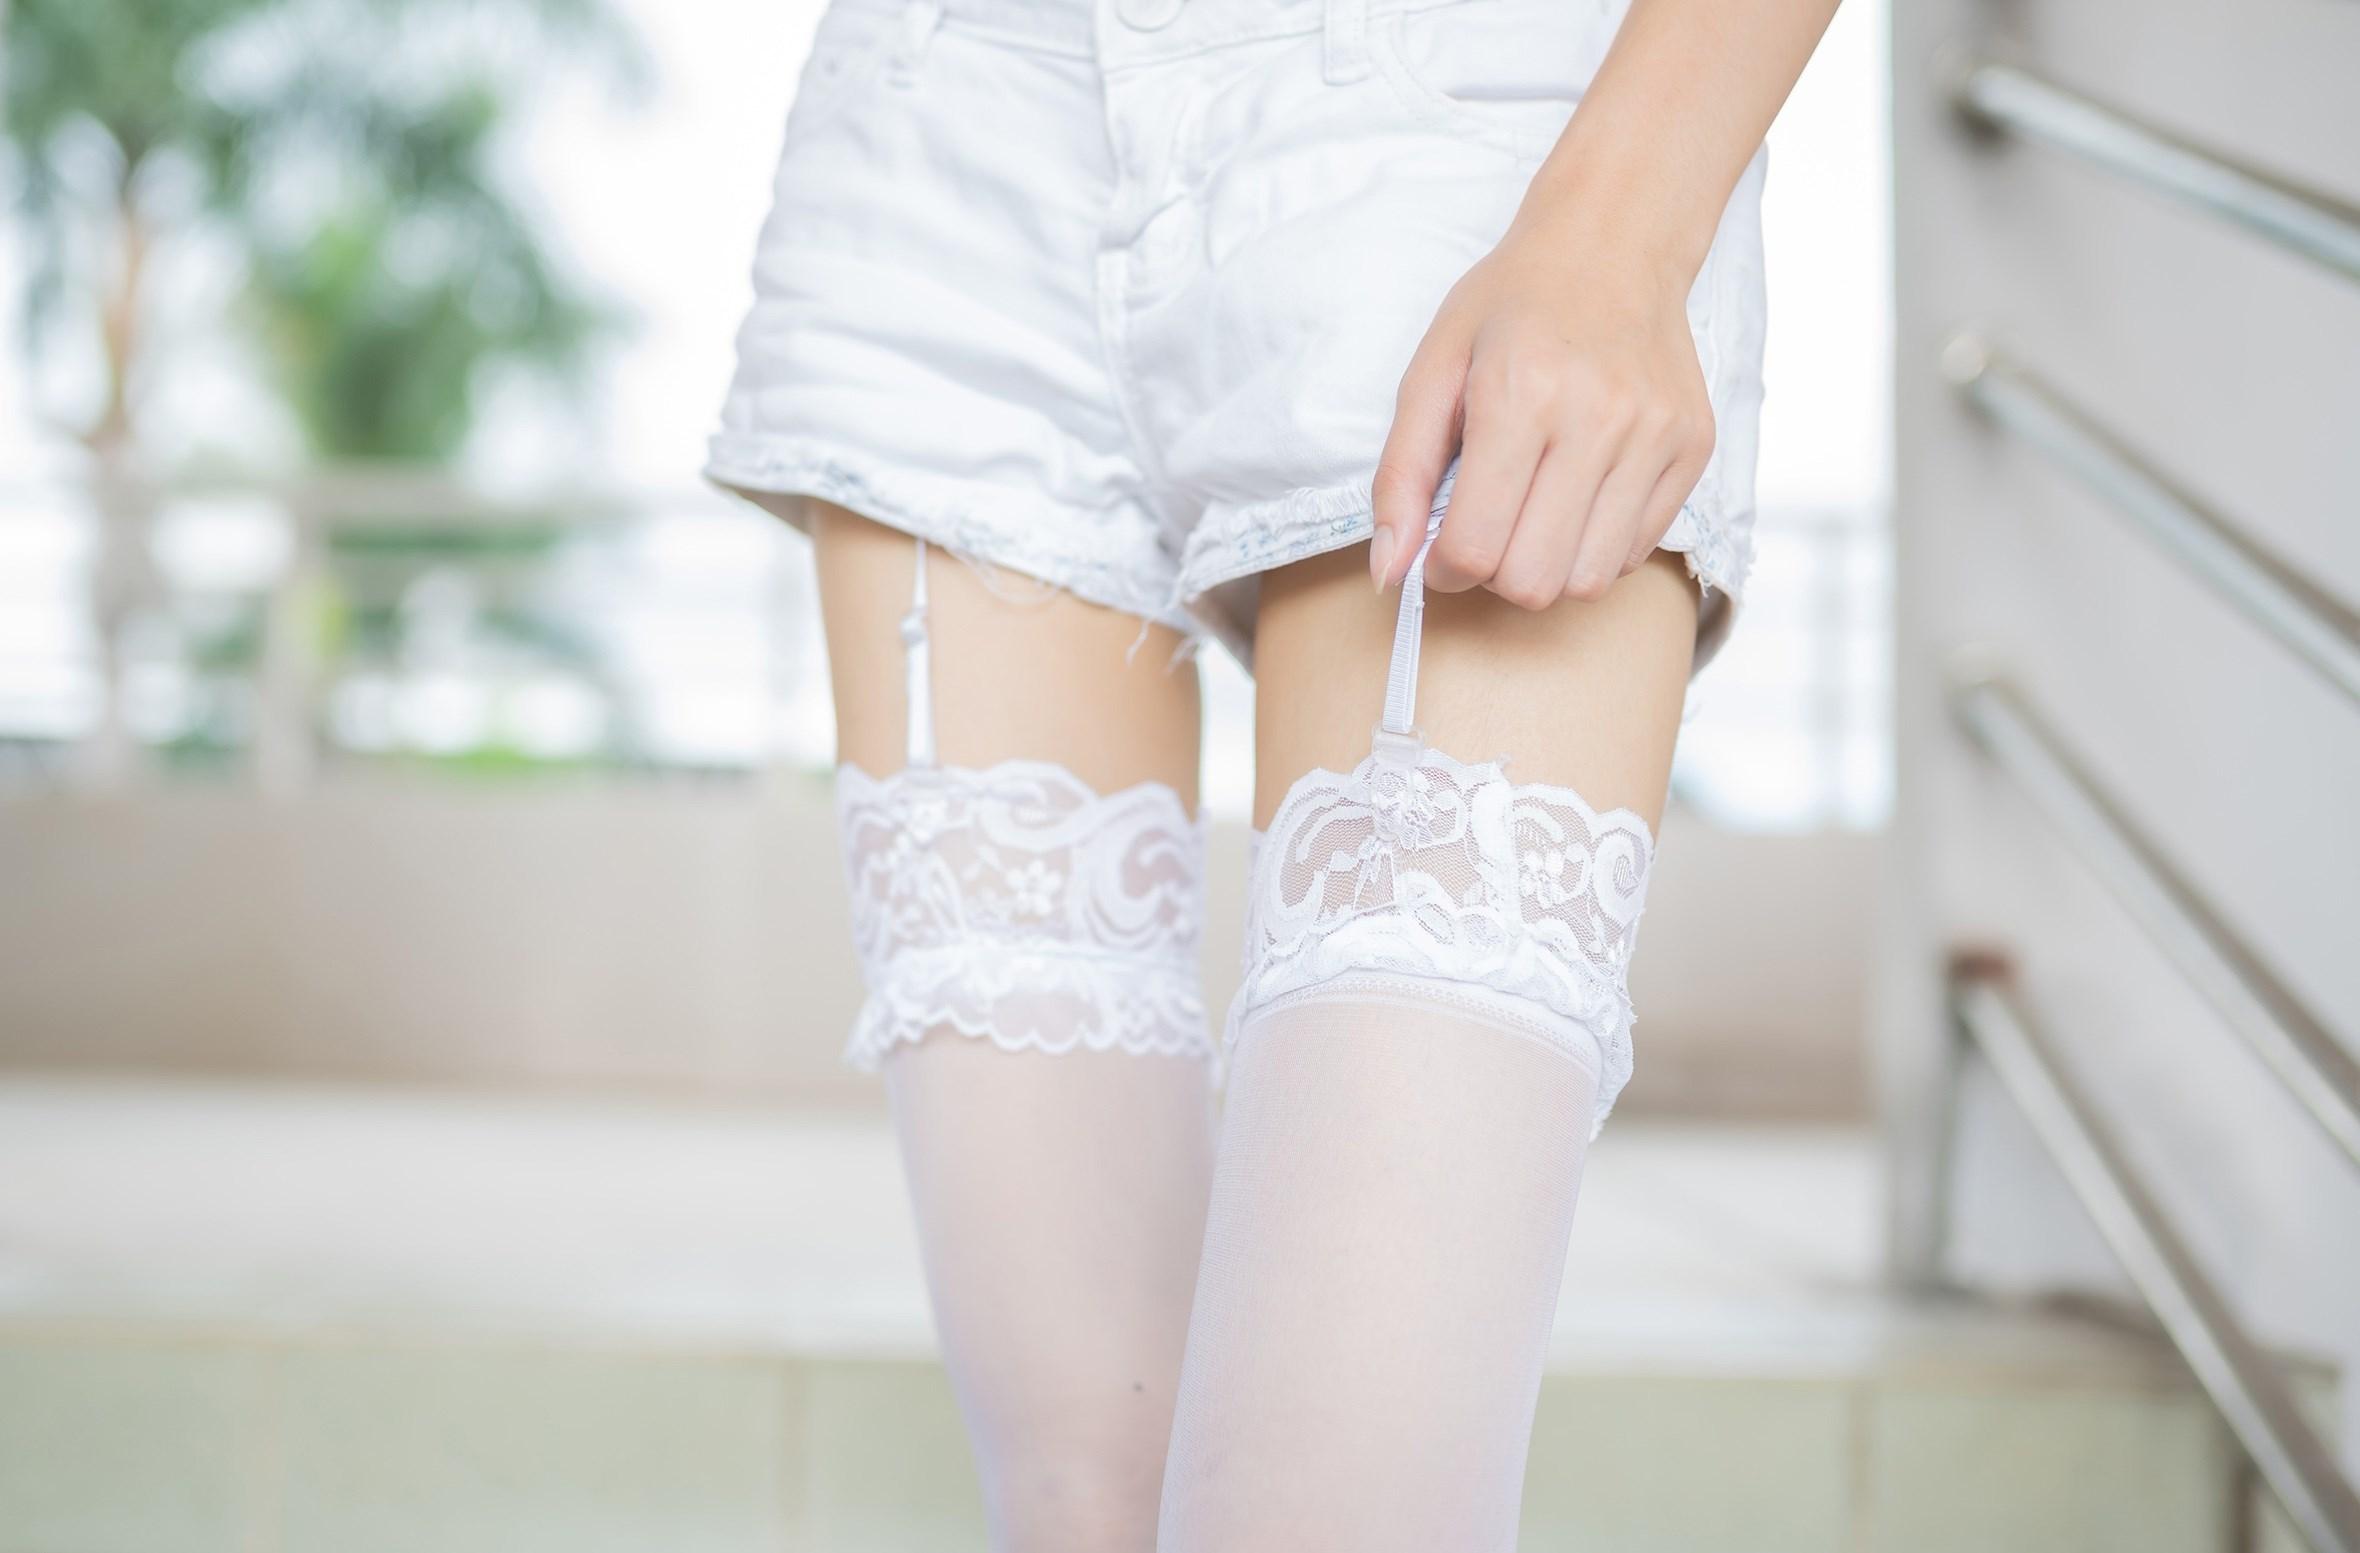 【兔玩映画】白丝吊带袜 兔玩映画 第45张